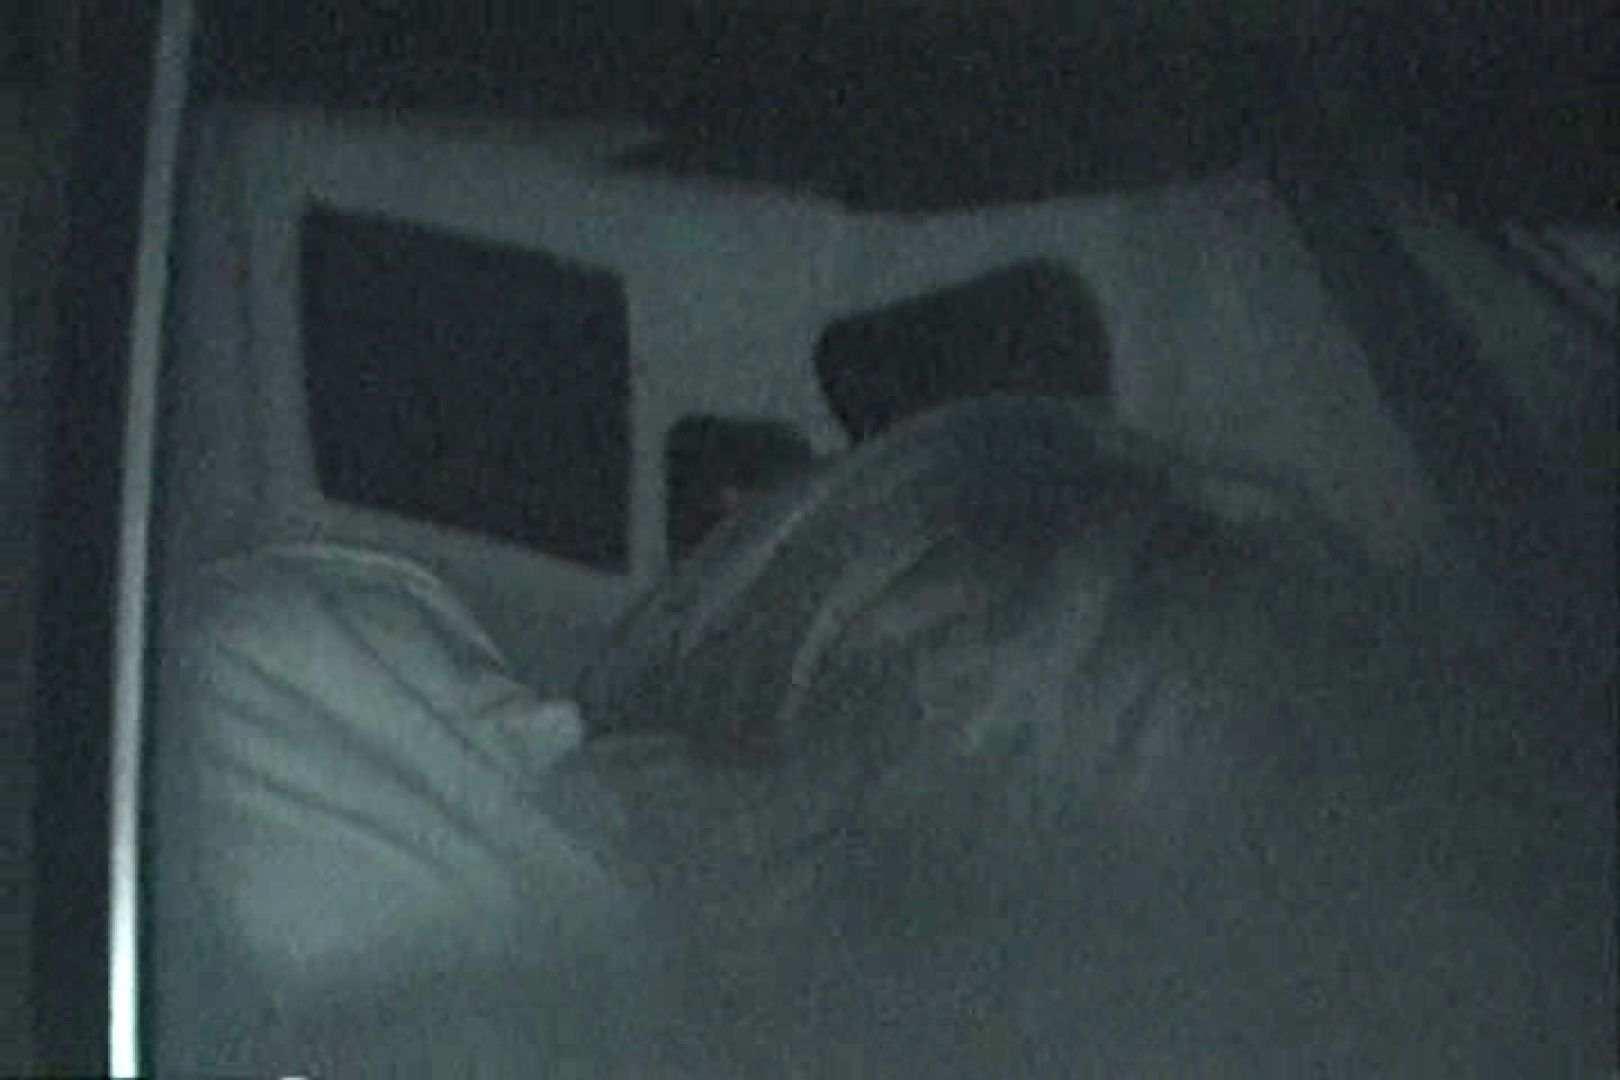 充血監督の深夜の運動会Vol.120 カップルのセックス 盗撮動画紹介 63PIX 51